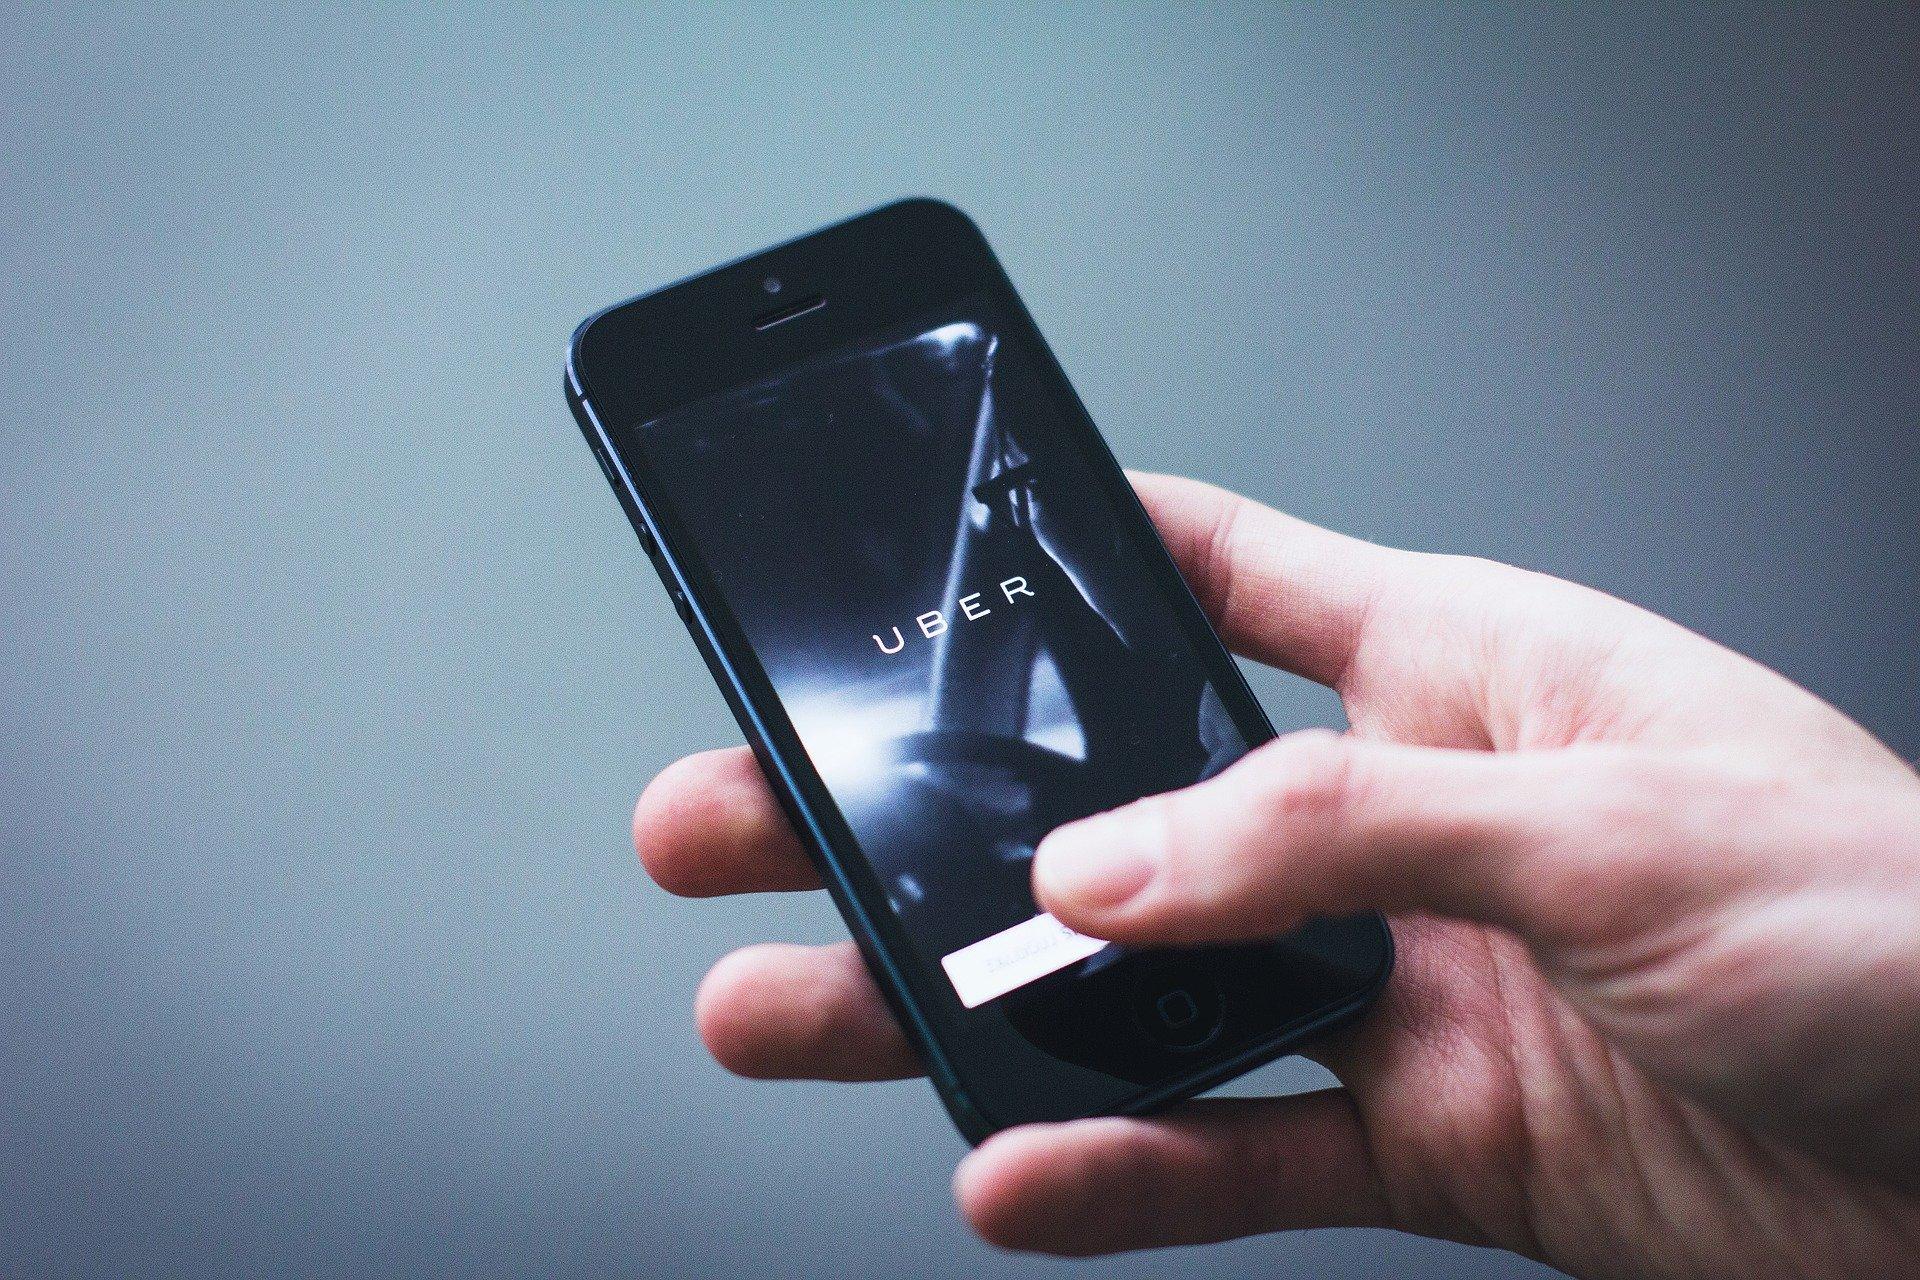 Uber: Sicherheitsbericht zeigt fast 6.000 sexuelle Übergriffe